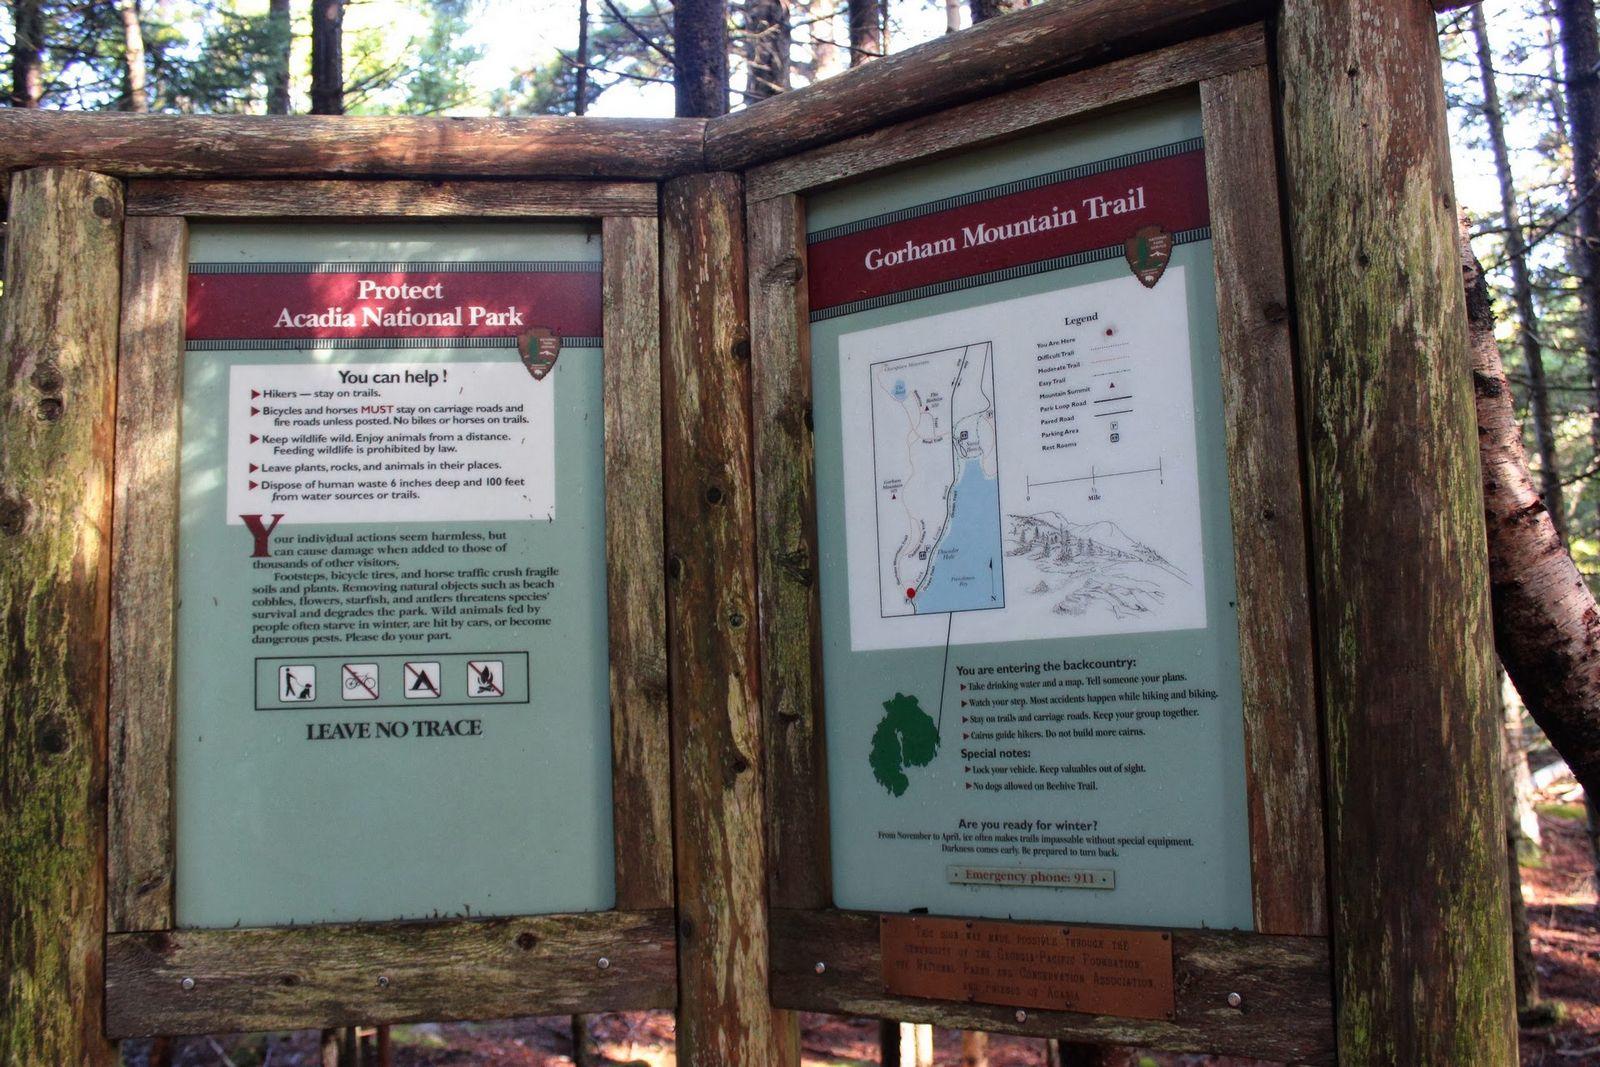 Gorham Mountain Trail, comencemos